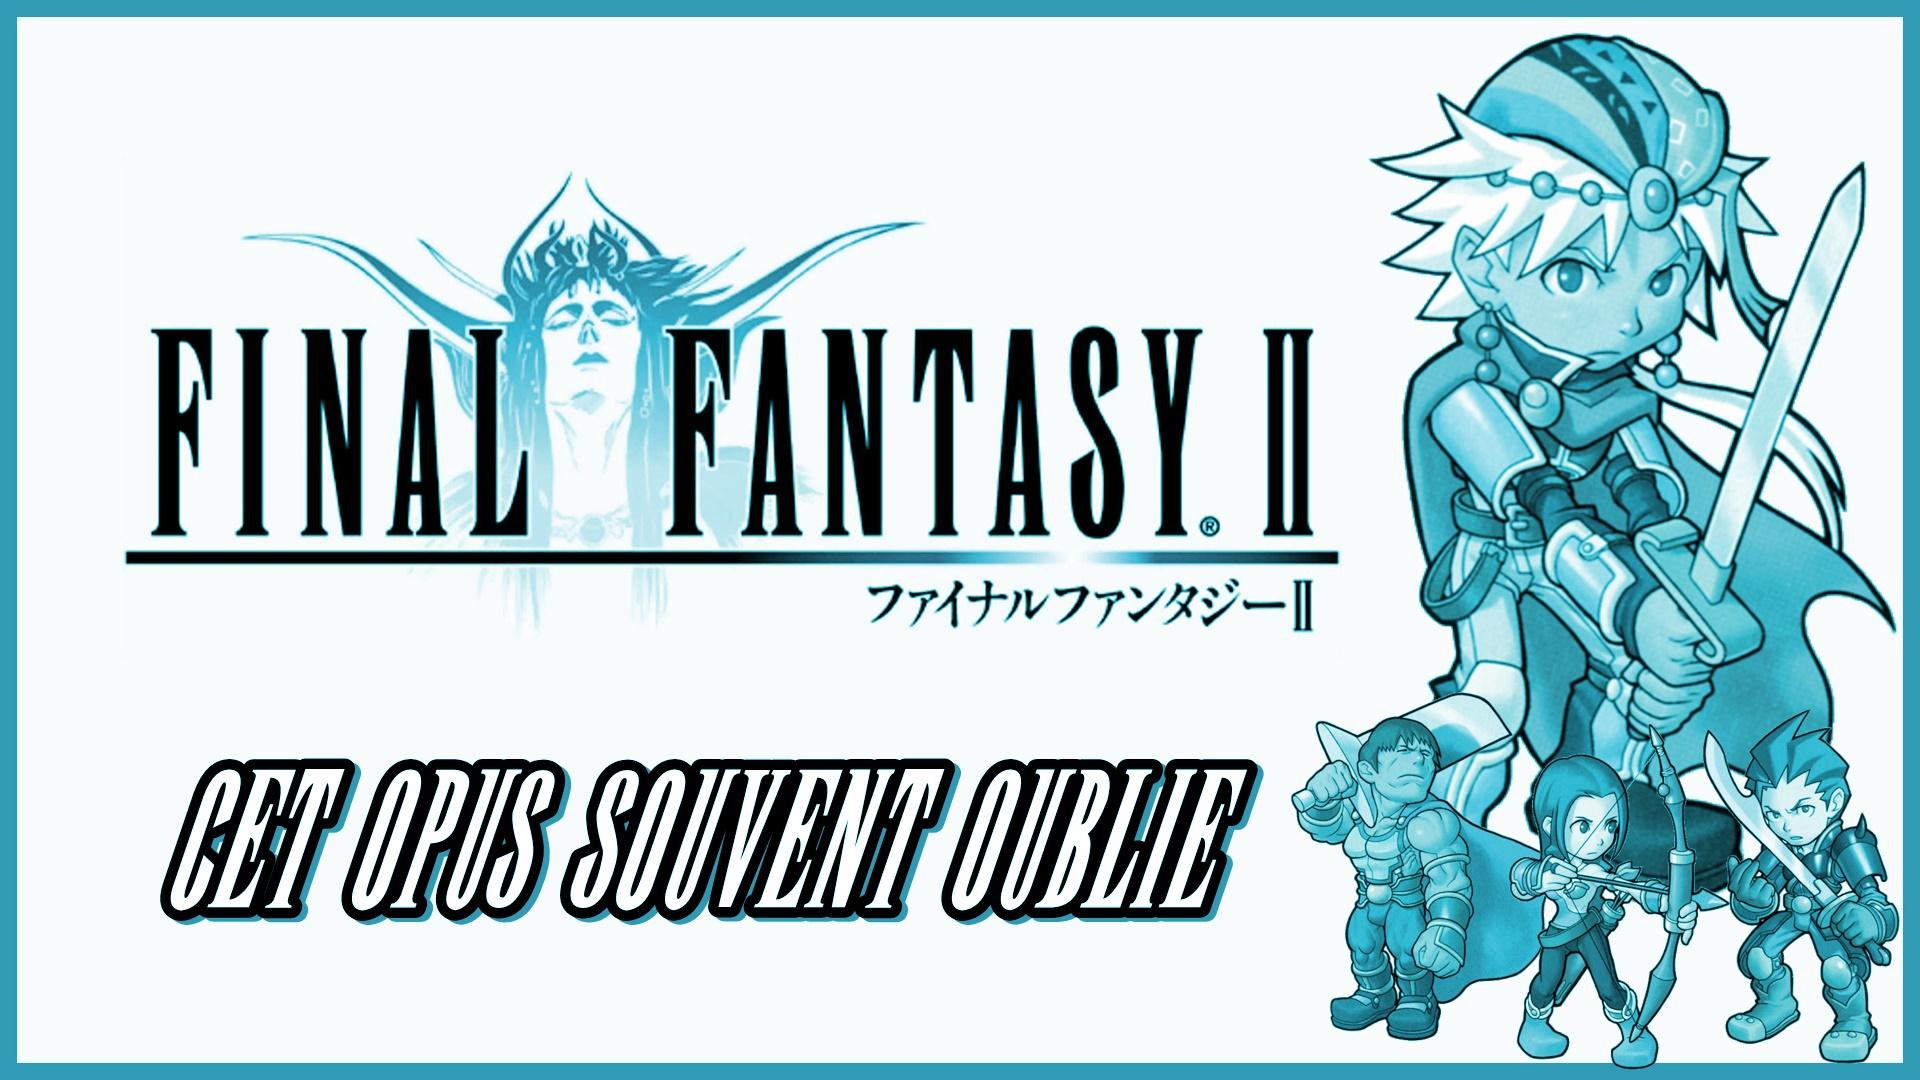 Final Fantasy II: cet opus souvent oublié